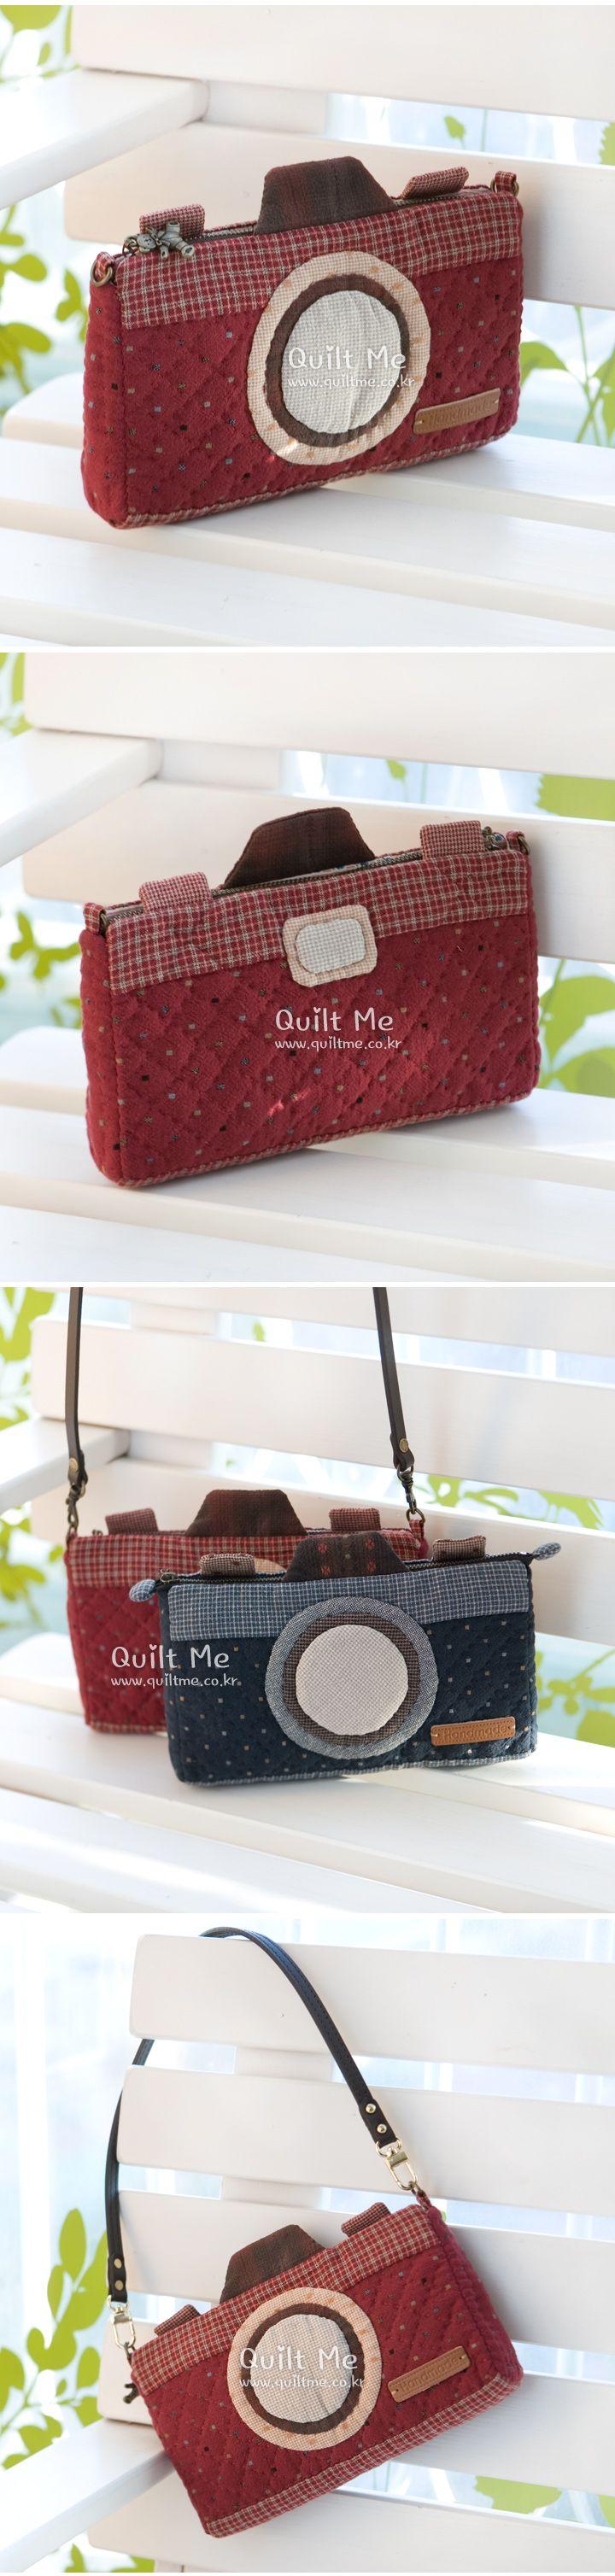 косметичку или маленькую сумочку